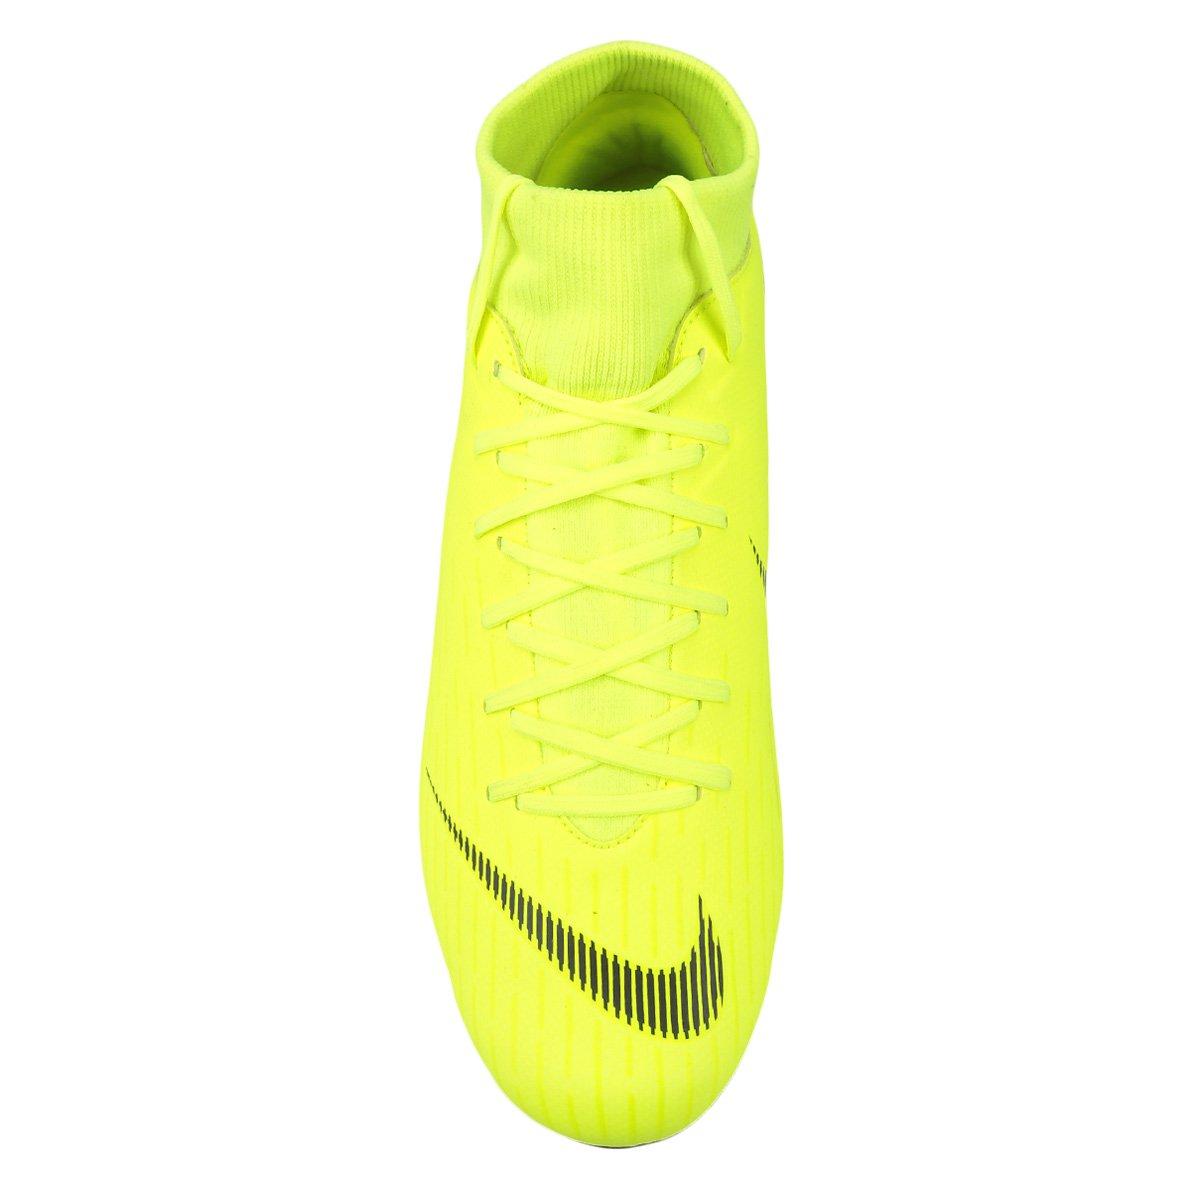 89e45a6a63 Chuteira Campo Nike Mercurial Superfly 6 Academy